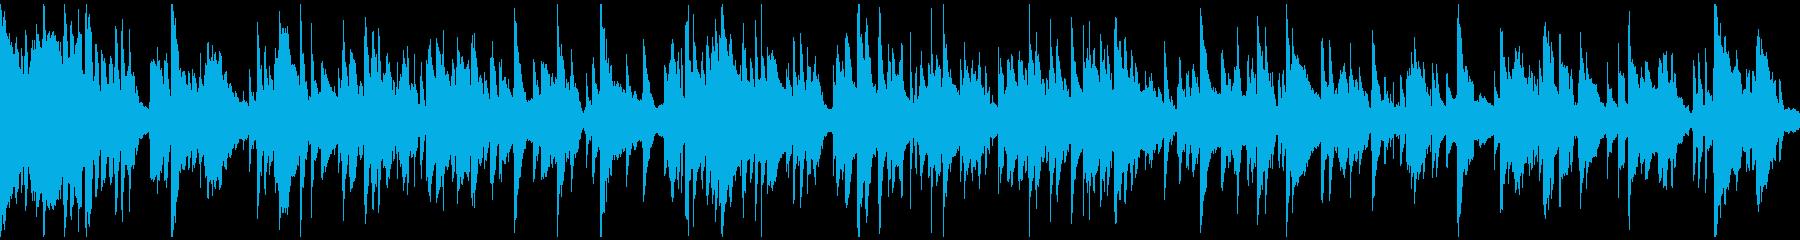 艶めかしいエロい下品なサックス※ループ版の再生済みの波形